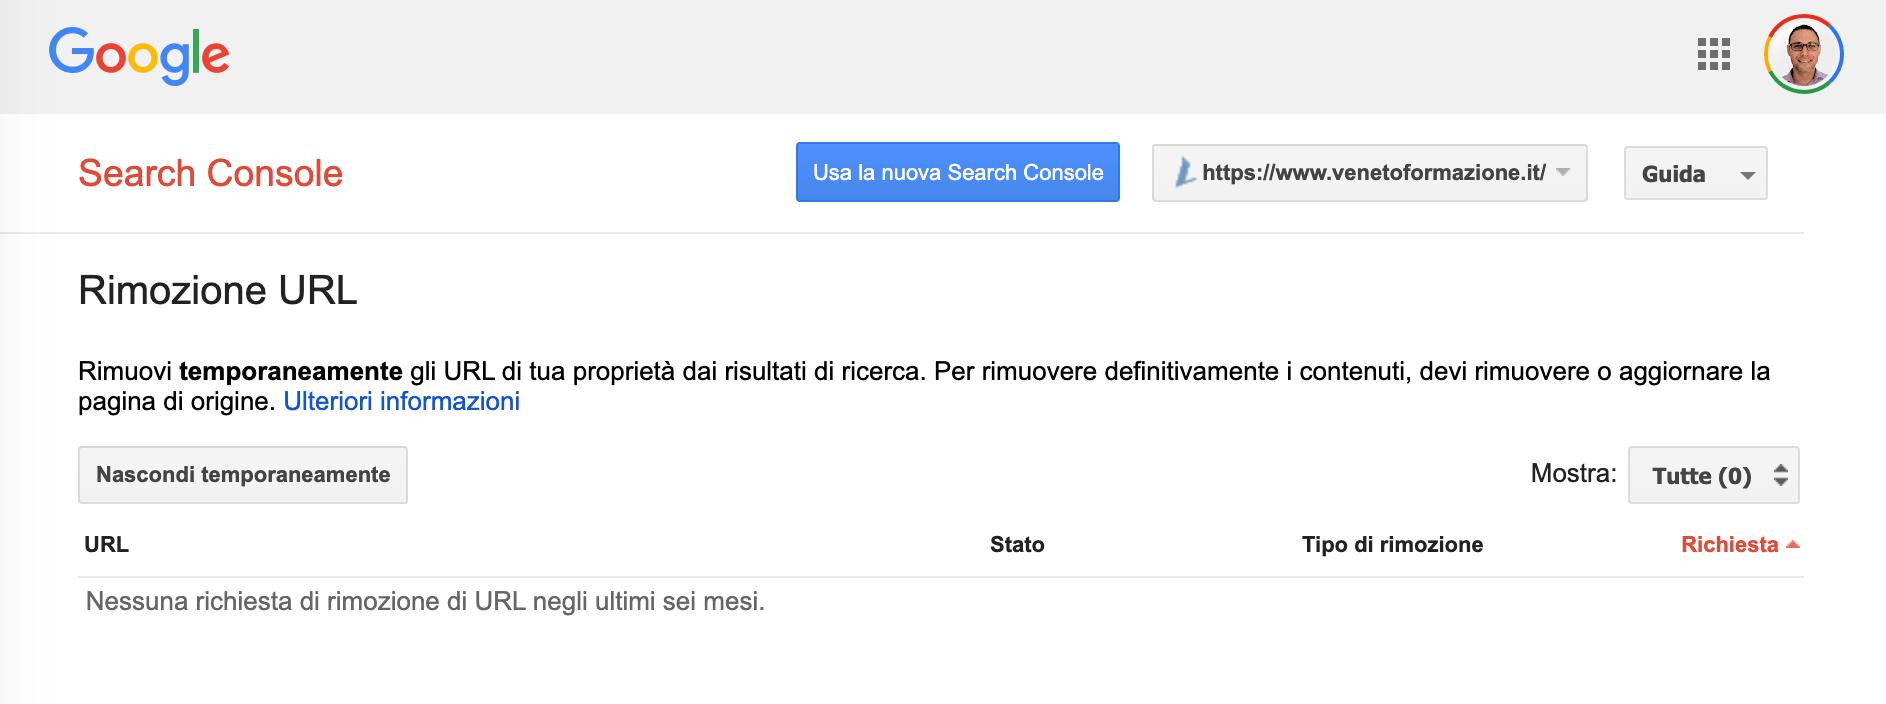 Rimozione URL